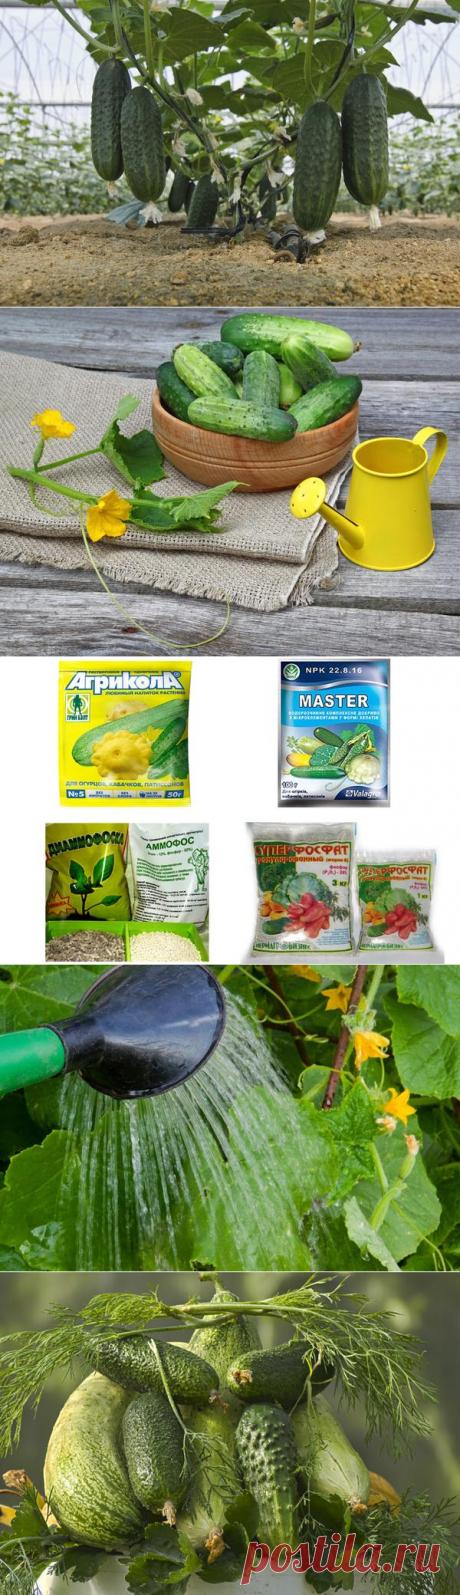 Подкормка огурцов: виды, формы и режимы подкормок